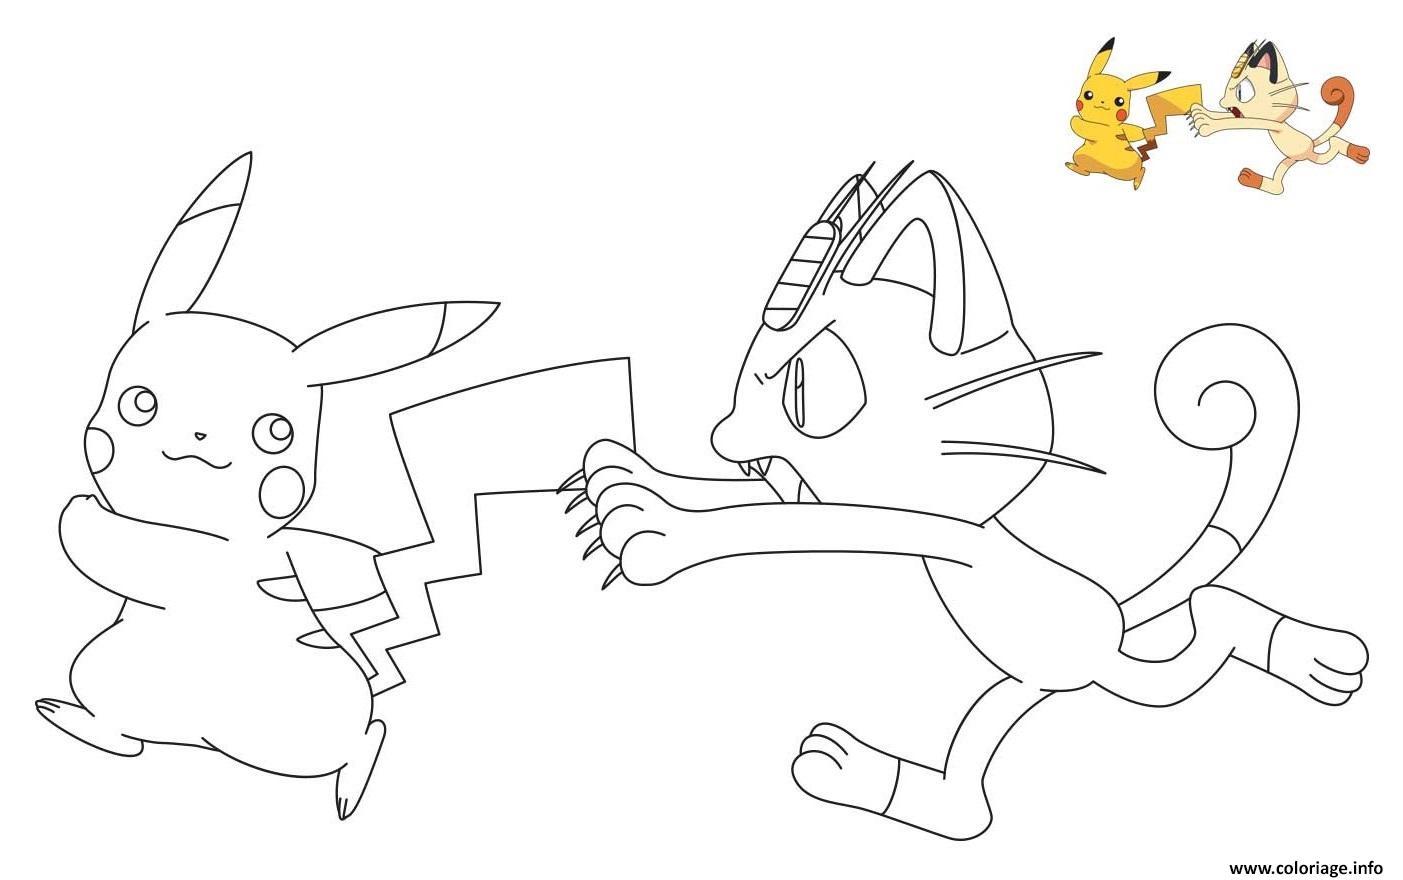 Coloriage miaouss court apres pikachu - Pikachu a imprimer ...